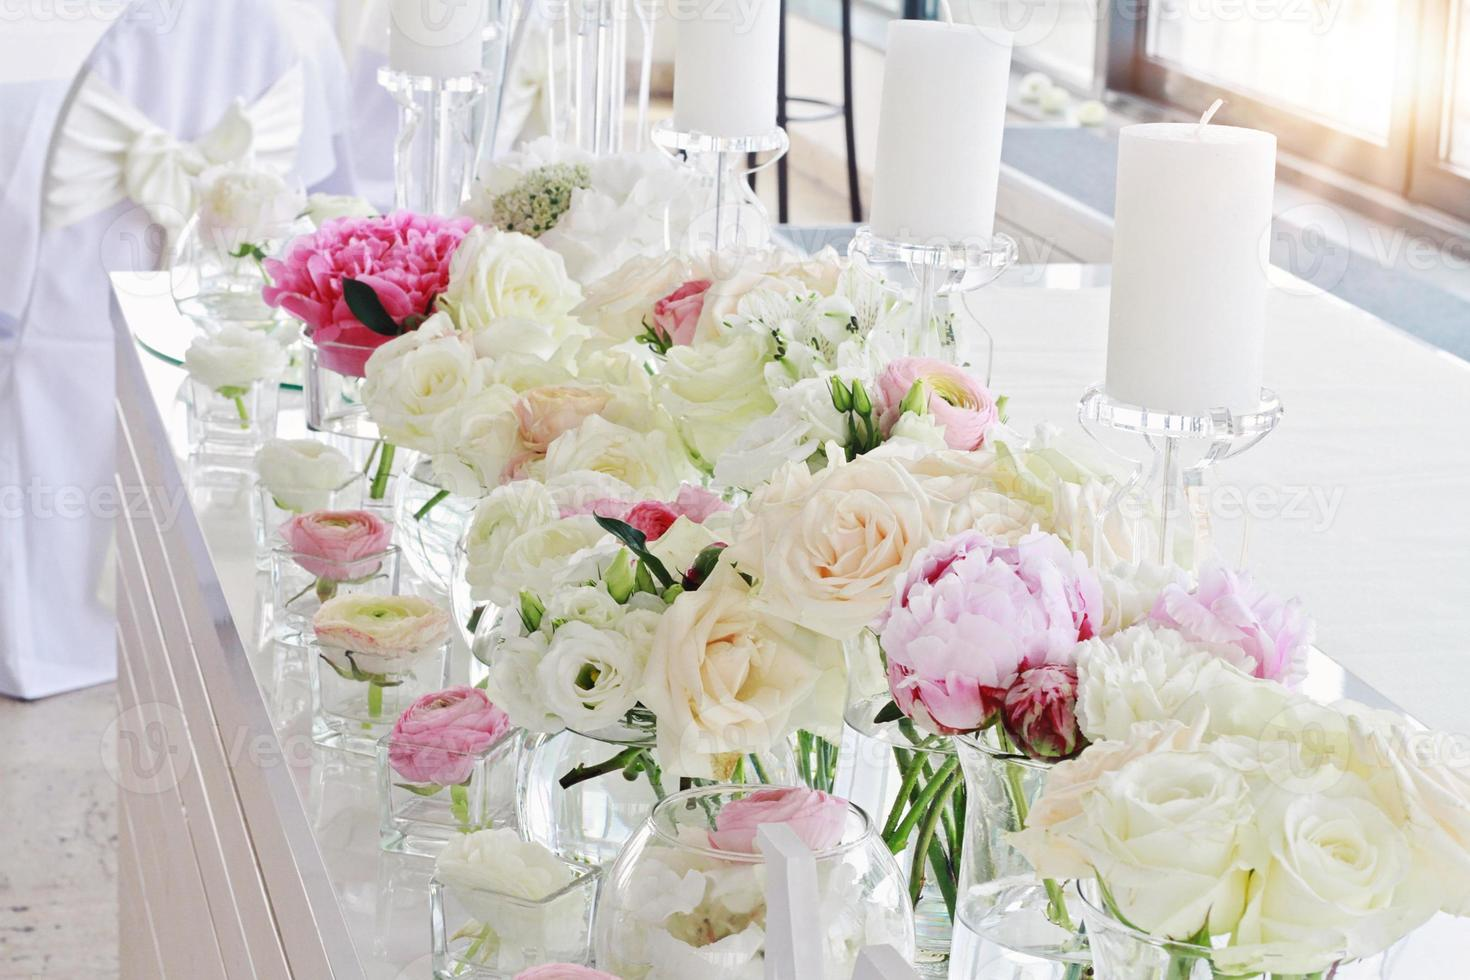 decoração de mesa de casamento. ranúnculo, rosas, velas foto